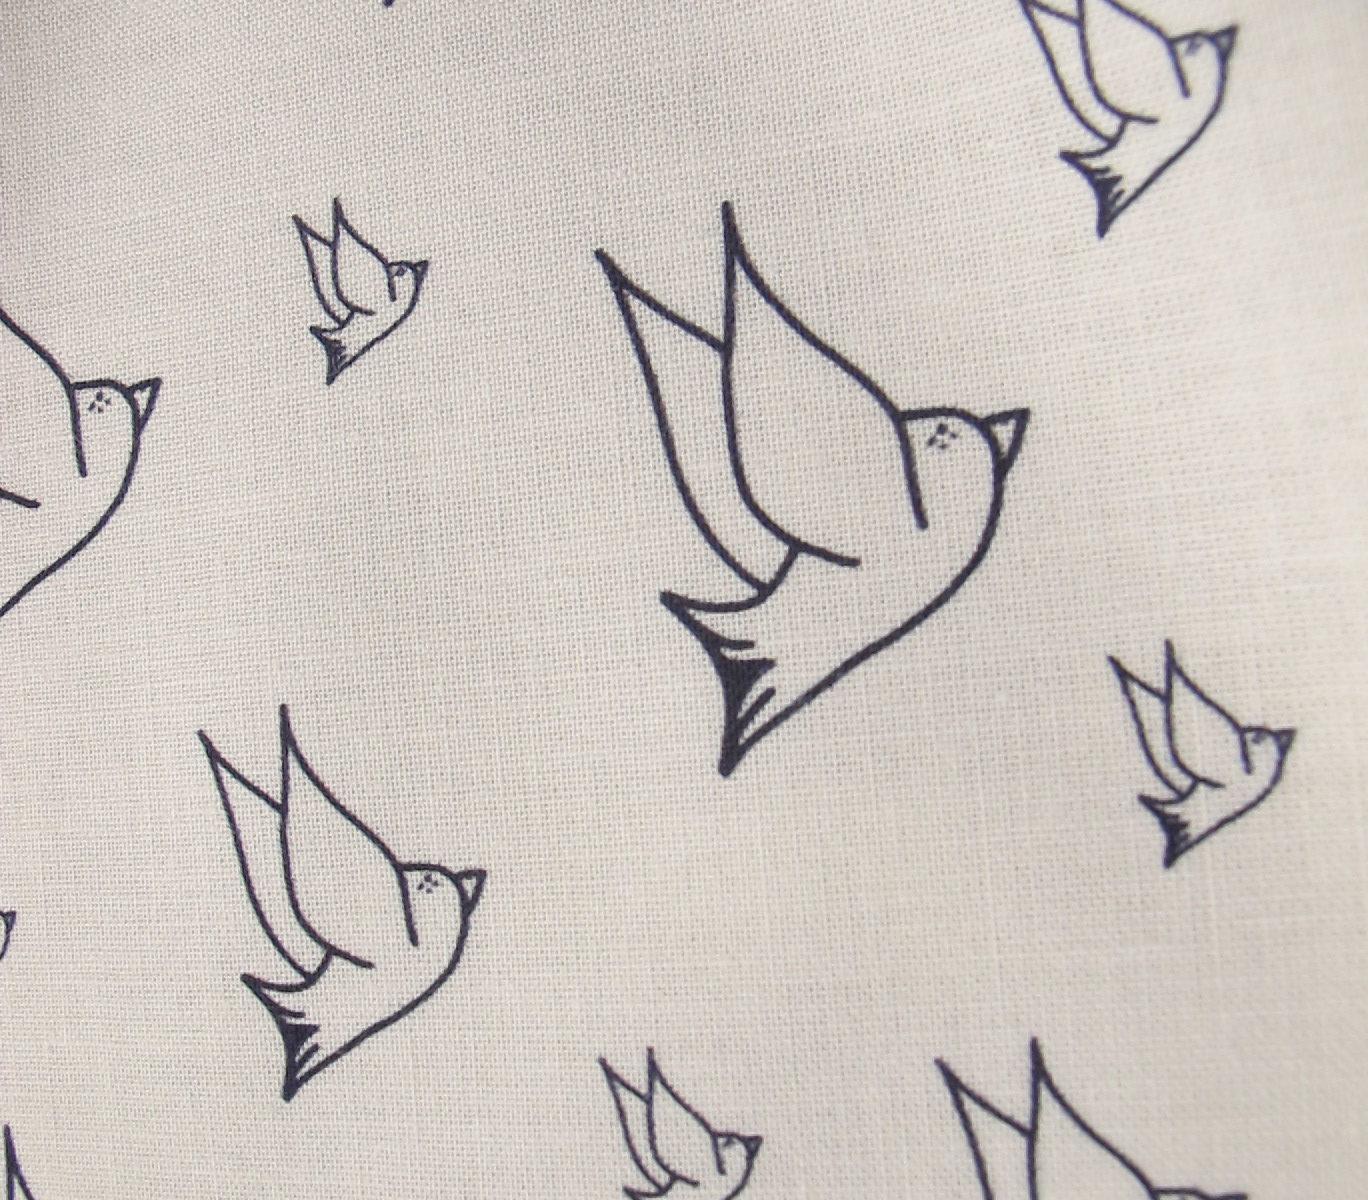 Manouche tissus, tissus toulouse, tissus createurs, tissus créateur, achat tissus, tissus, achat tissus Toulouse, boutique en ligne, eshop, tissus au mètre, tissus uniques colorés, tissus imprimés, tissus écologiques, boutique de tissus en ligne, tissus à motifs, tissus uniques, envies couture, paiement sécurisé CB et Paypal